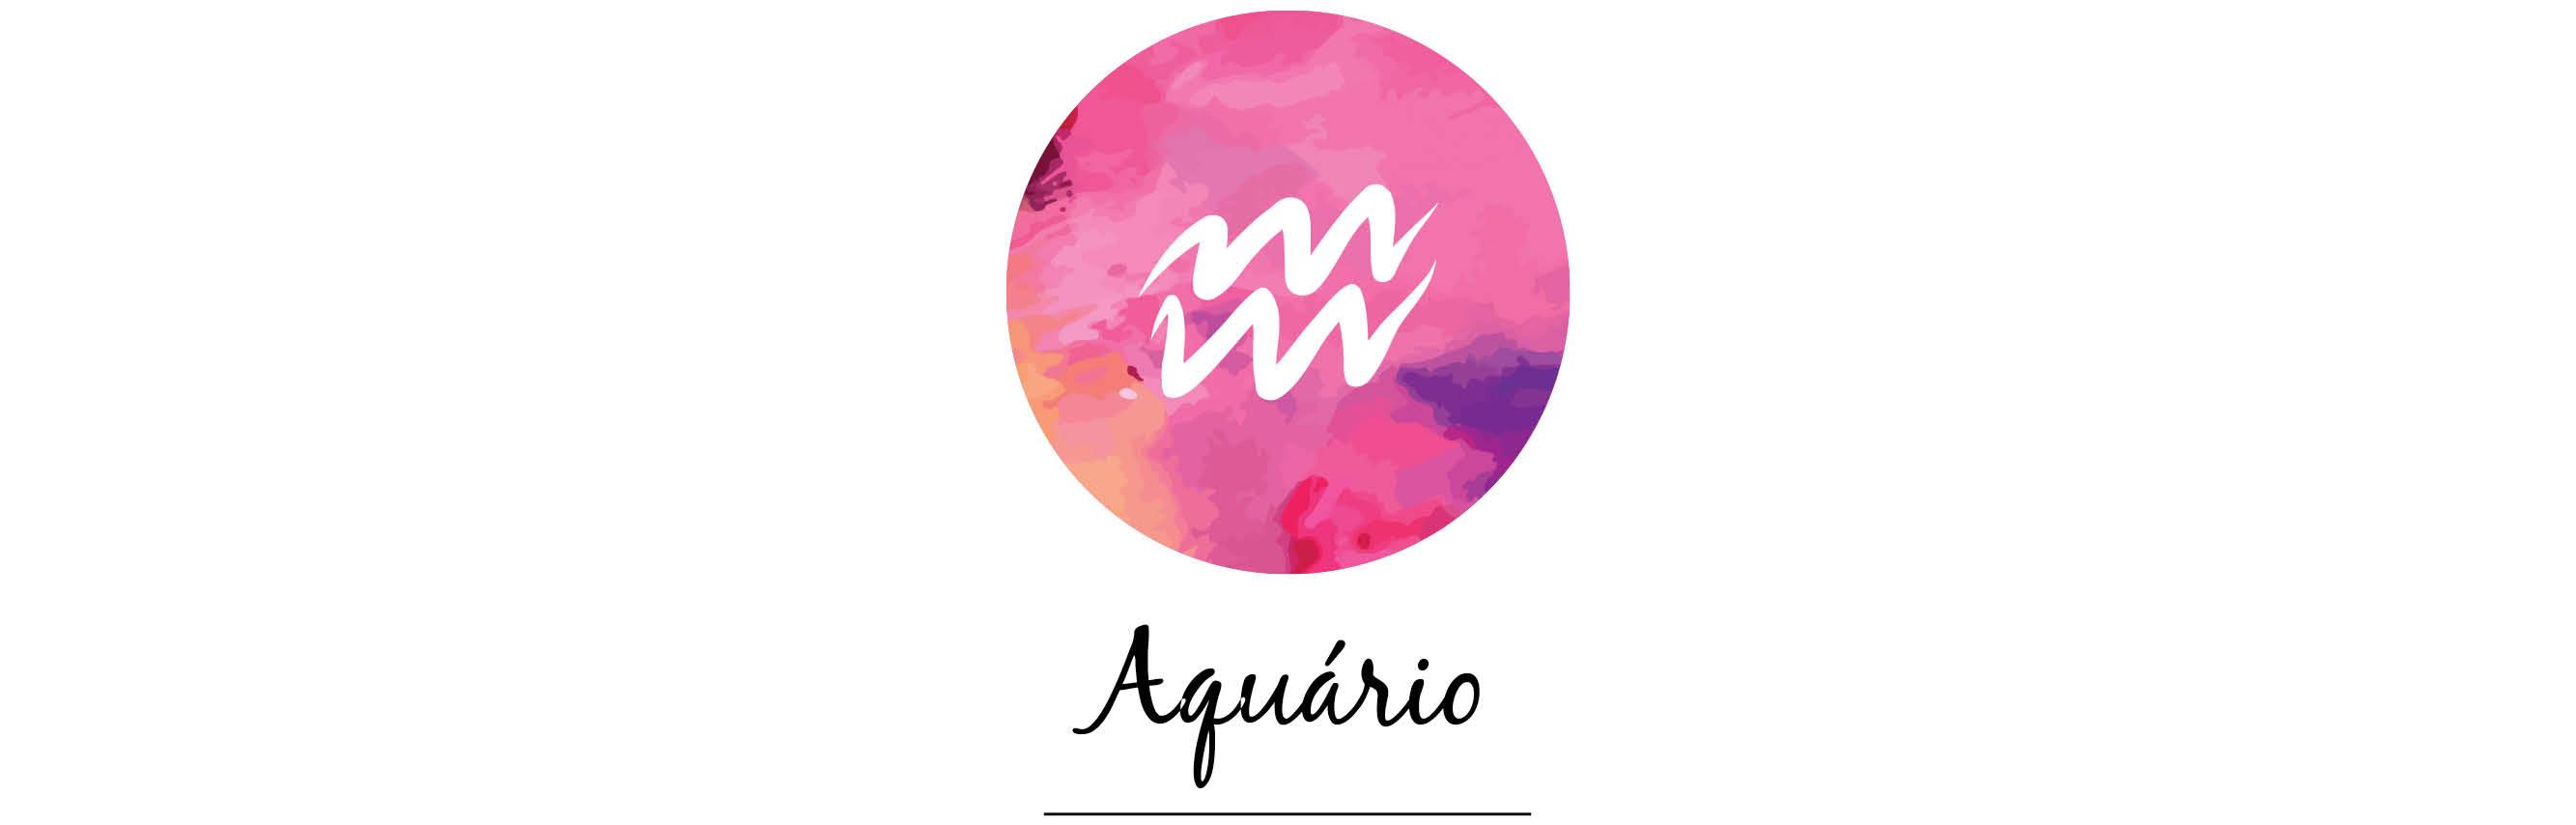 Aquario1 (1)